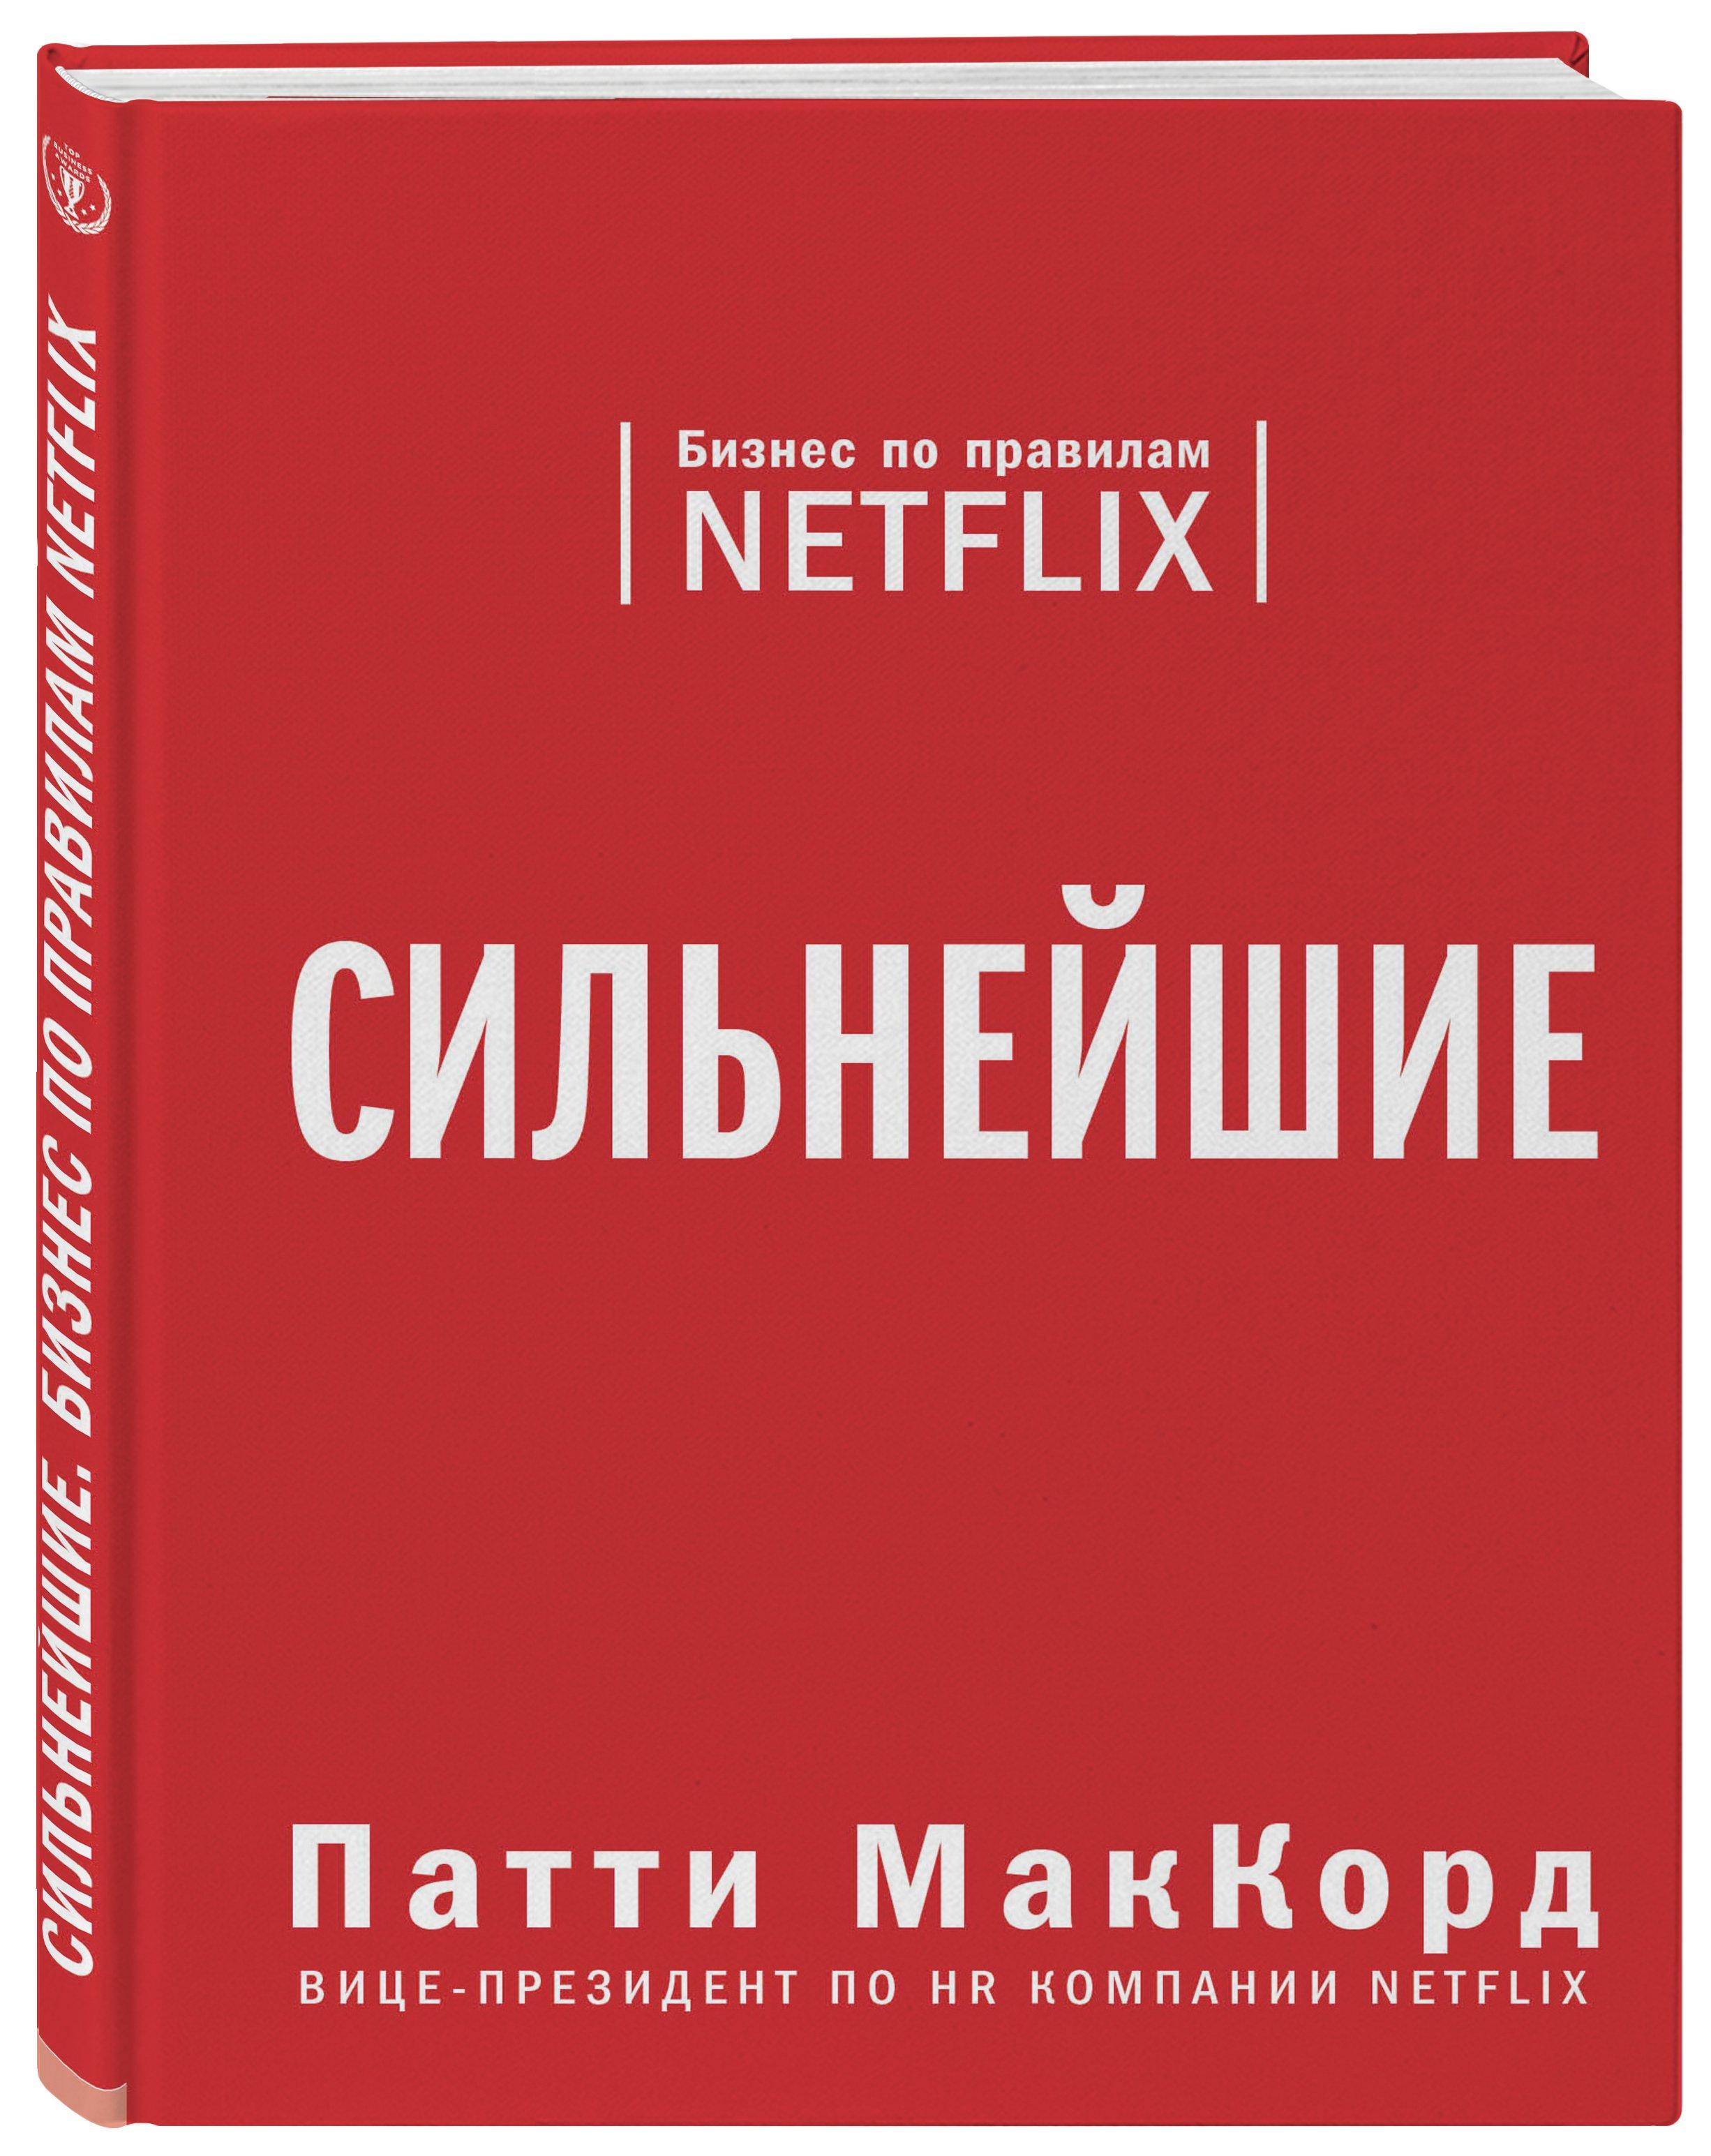 Сильнейшие. Бизнес по правилам Netflix фото